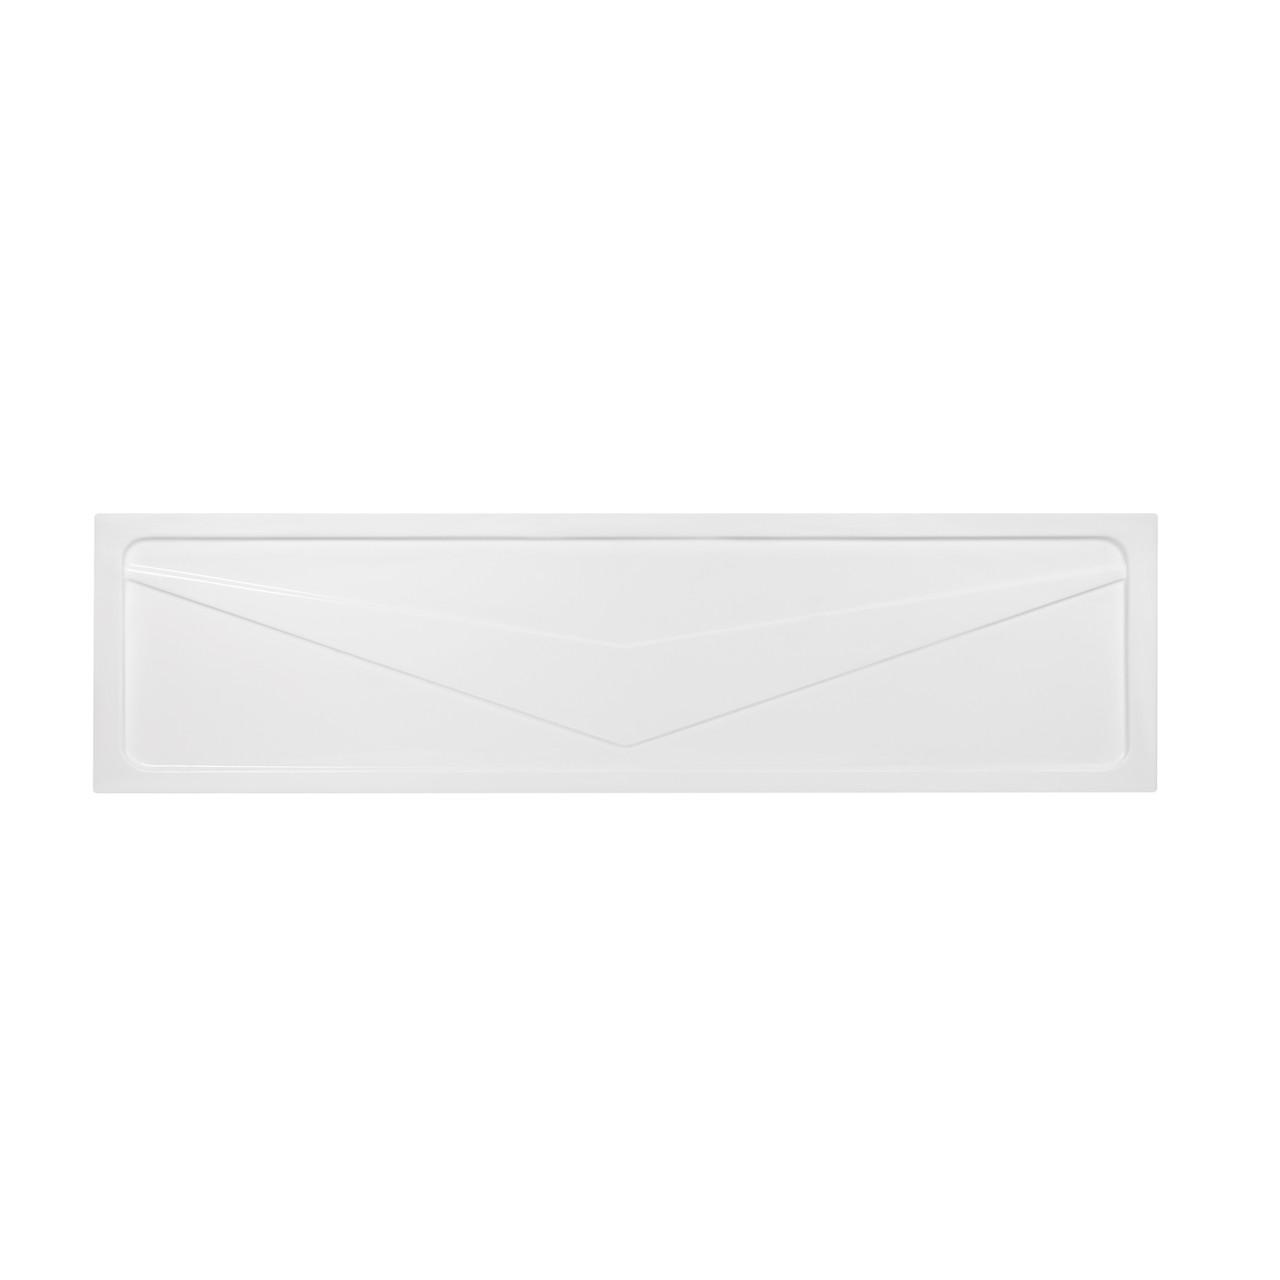 Панель для прямокутної ванни фронтальна Lidz Panel R 170 170 см